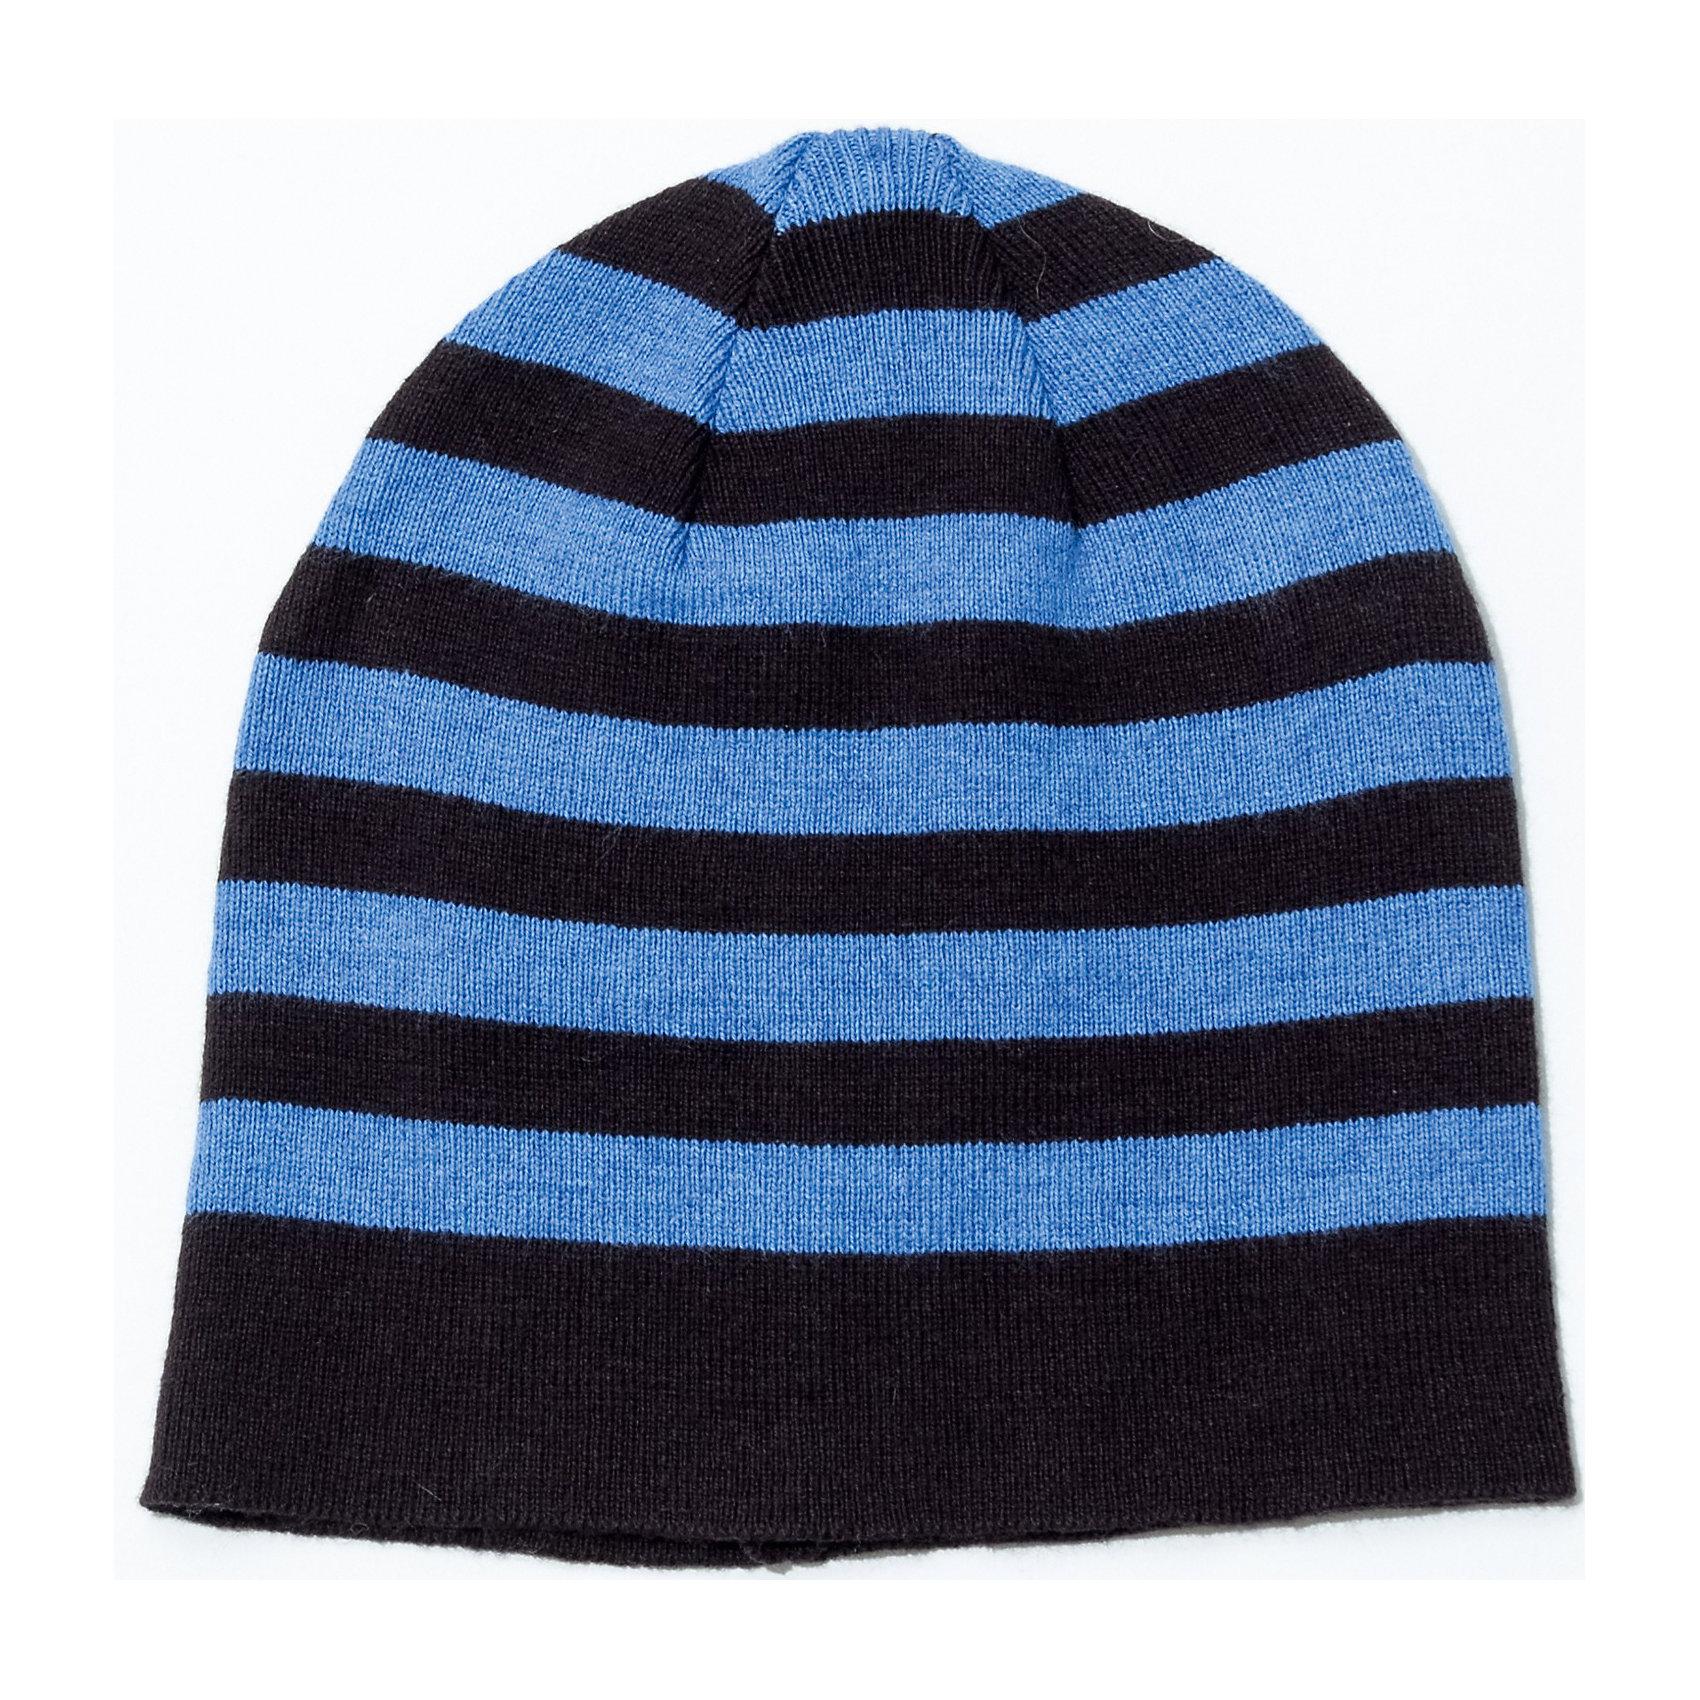 Шапка для мальчика SELAГоловные уборы<br>Симпатичная удобная шапка - незаменимая вещь в прохладное время года. Эта модель отлично сидит на ребенке, она сделана из плотного материала, позволяет гулять с комфортом на свежем воздухе зимой. Качественная пряжа не вызывает аллергии и обеспечивает ребенку комфорт. Модель будет уместна в различных сочетаниях.<br>Одежда от бренда Sela (Села) - это качество по приемлемым ценам. Многие российские родители уже оценили преимущества продукции этой компании и всё чаще приобретают одежду и аксессуары Sela.<br><br>Дополнительная информация:<br><br>цвет: разноцветный;<br>материал: 40% хлопок, 35% вискоза, 20% ПЭ, 5% шерсть;<br>вязаный узор.<br><br>Шапку для мальчика от бренда Sela можно купить в нашем интернет-магазине.<br><br>Ширина мм: 89<br>Глубина мм: 117<br>Высота мм: 44<br>Вес г: 155<br>Цвет: голубой<br>Возраст от месяцев: 84<br>Возраст до месяцев: 120<br>Пол: Мужской<br>Возраст: Детский<br>Размер: 54-56,52-54<br>SKU: 4943993